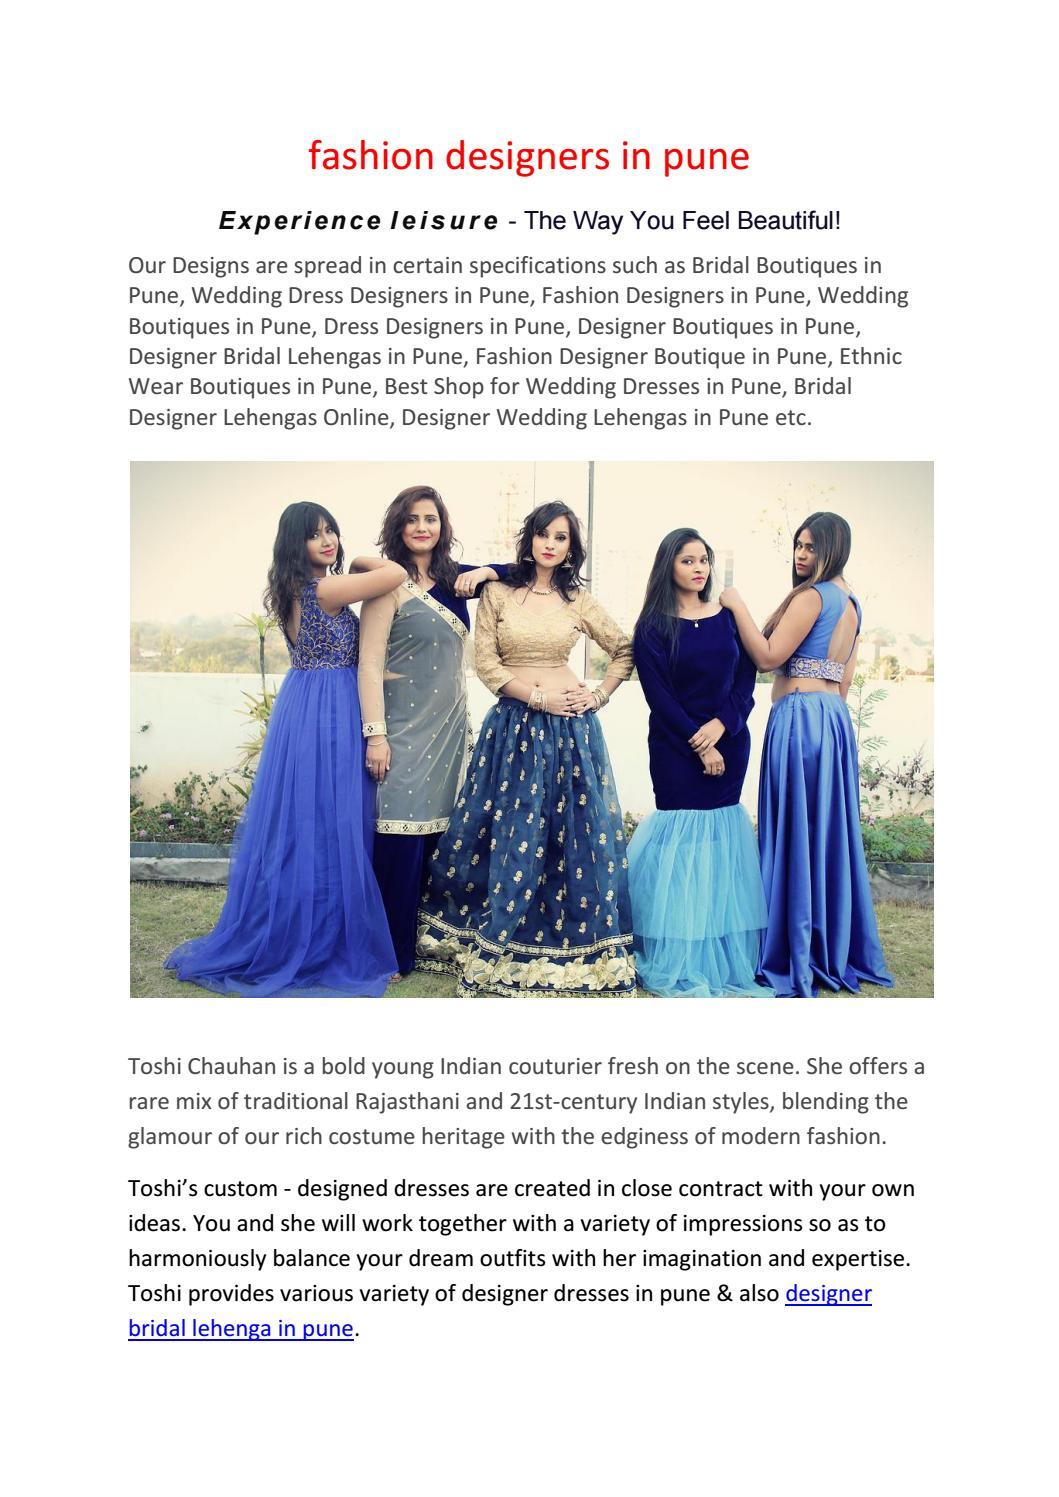 5e10143022d8 Best Shops For Wedding Dresses In Pune